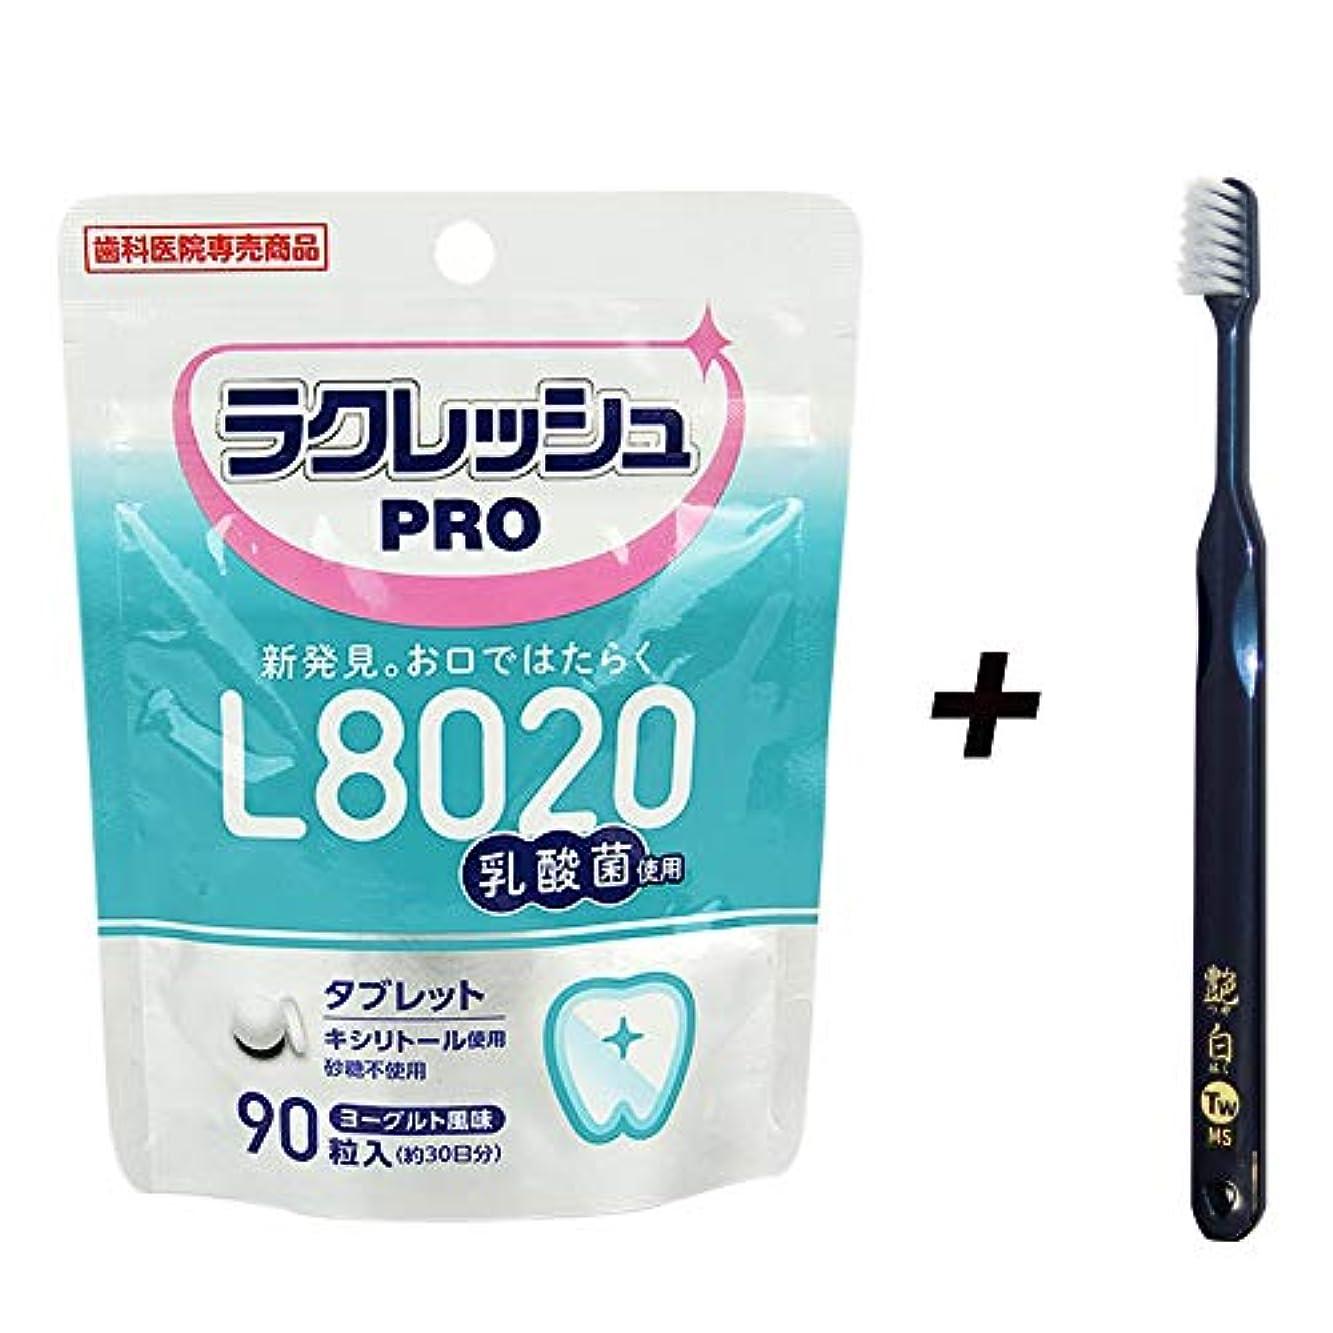 識別シャッフルゴージャスL8020 乳酸菌 ラクレッシュ PRO タブレット 90粒×1袋 + 日本製歯ブラシ 艶白(つやはく)ツイン ハブラシ 1本 MS(やややわらかめ) 歯科医院取扱品